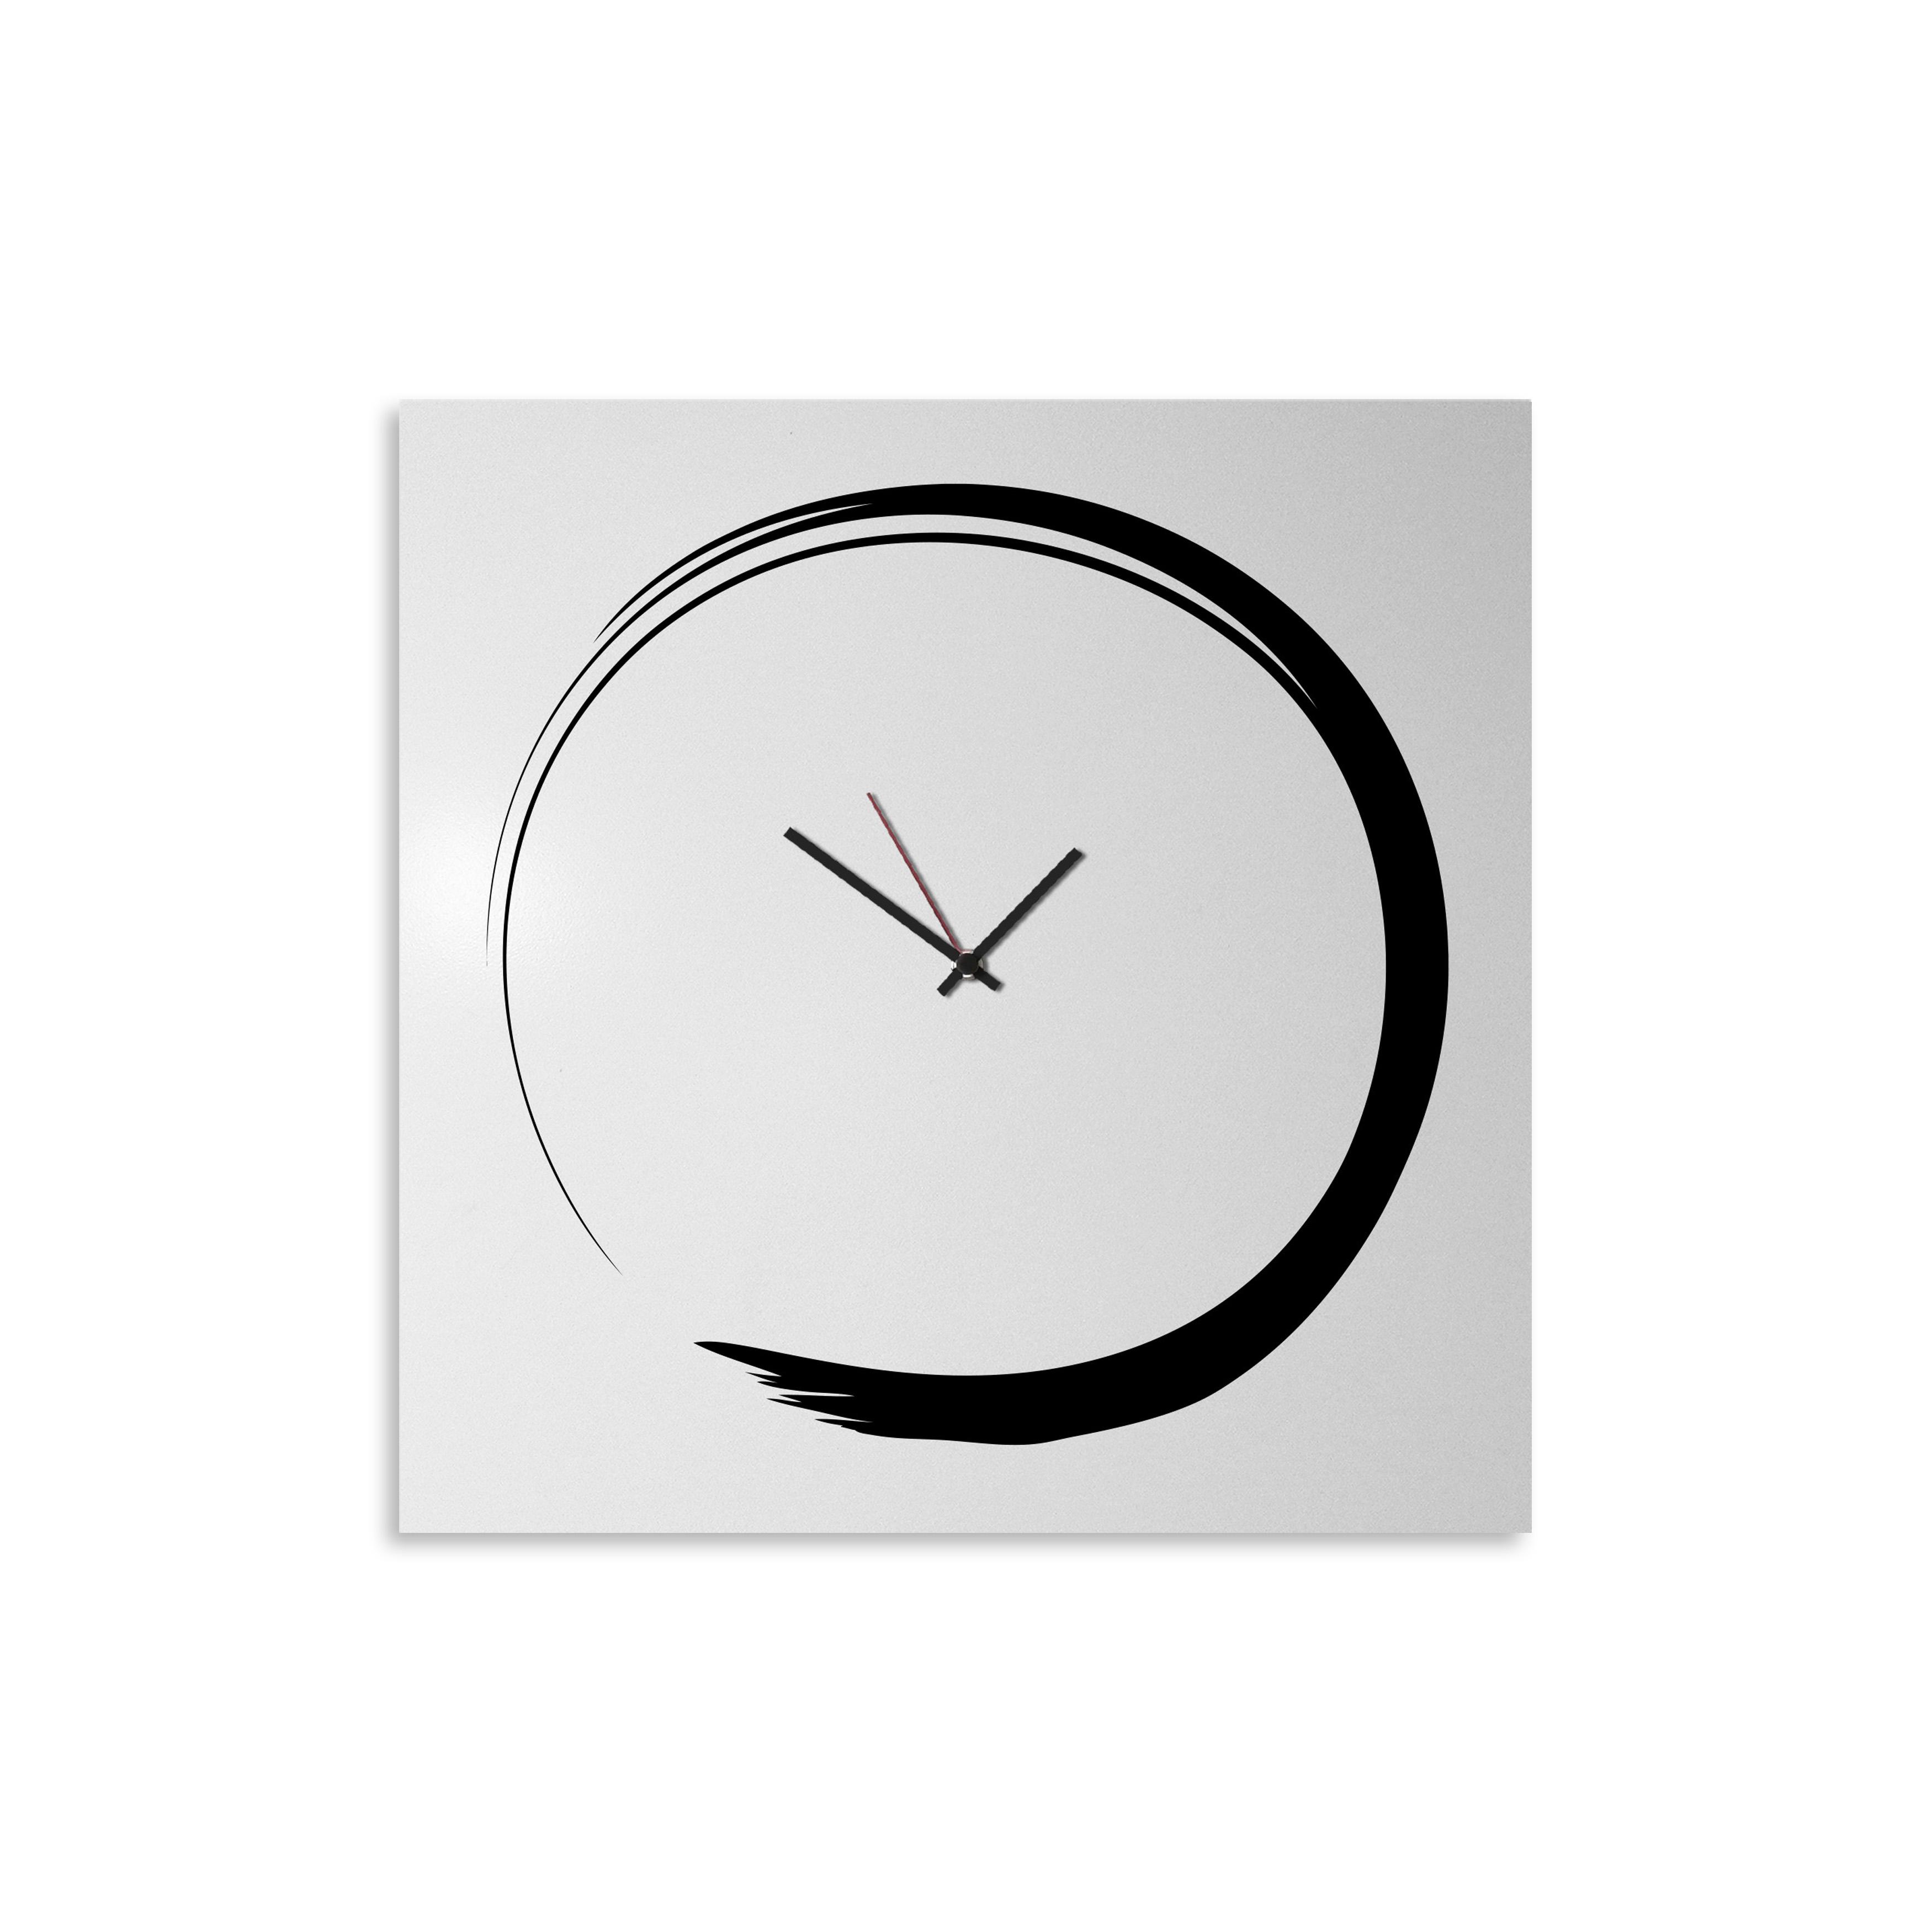 Orologio da parete stile giapponese designobject - Orologio design parete ...